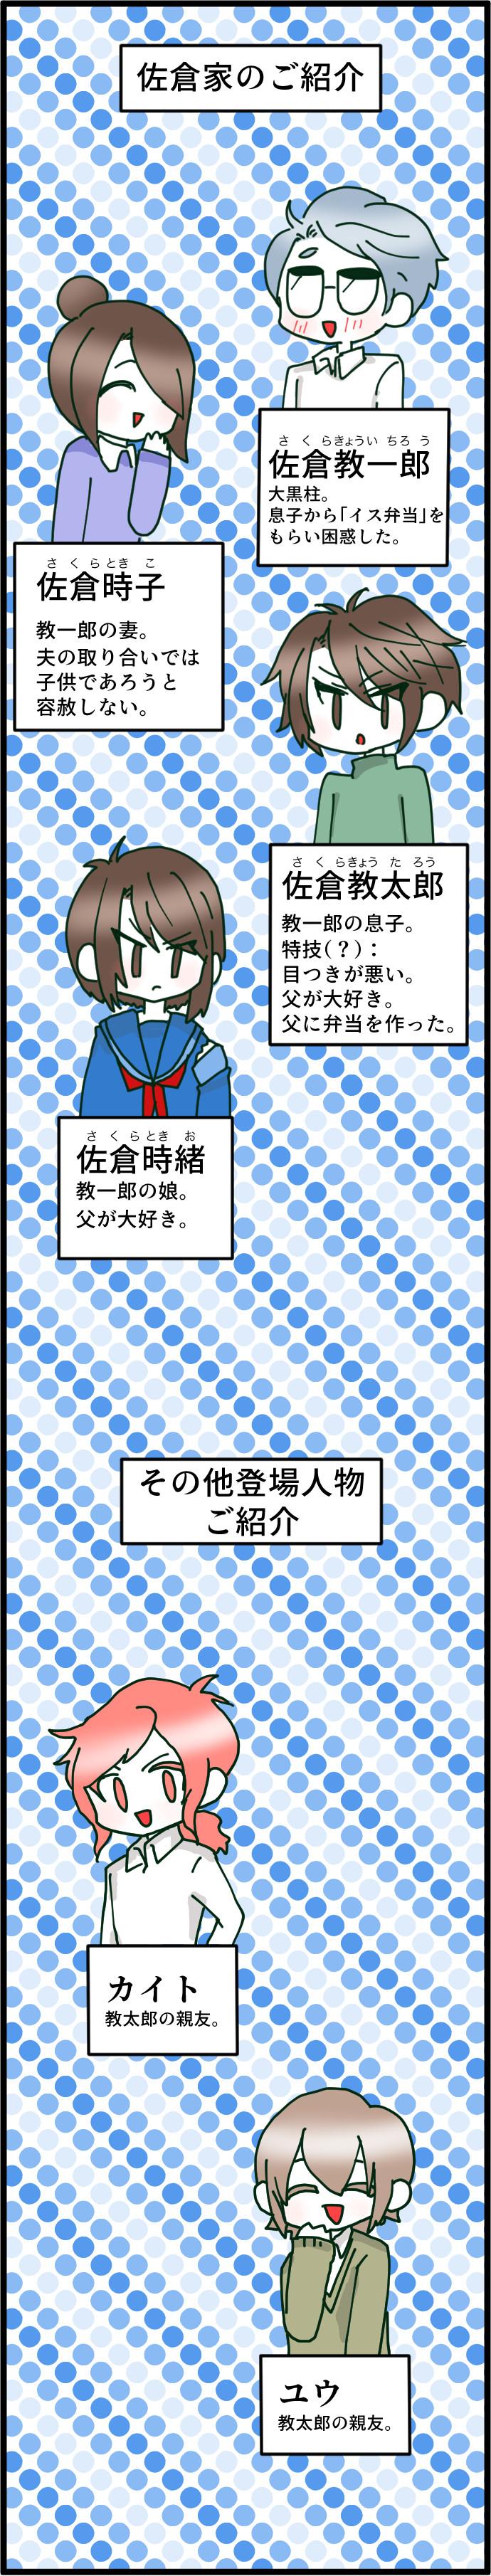 f:id:futagosiroan:20181029191543j:image